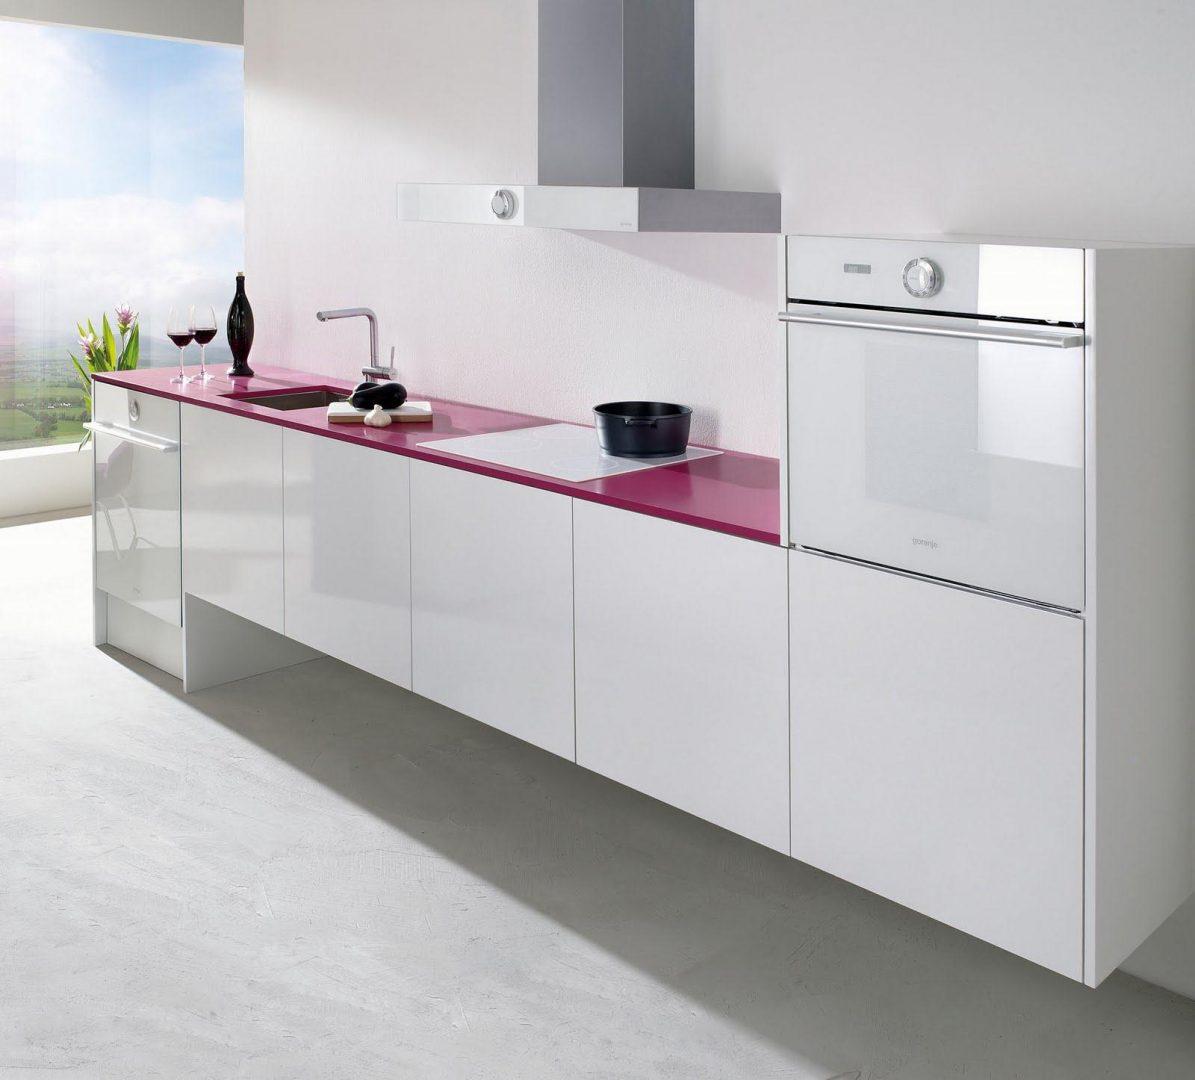 Galer a de im genes decoraci n minimalista for Muebles minimalistas para cocina